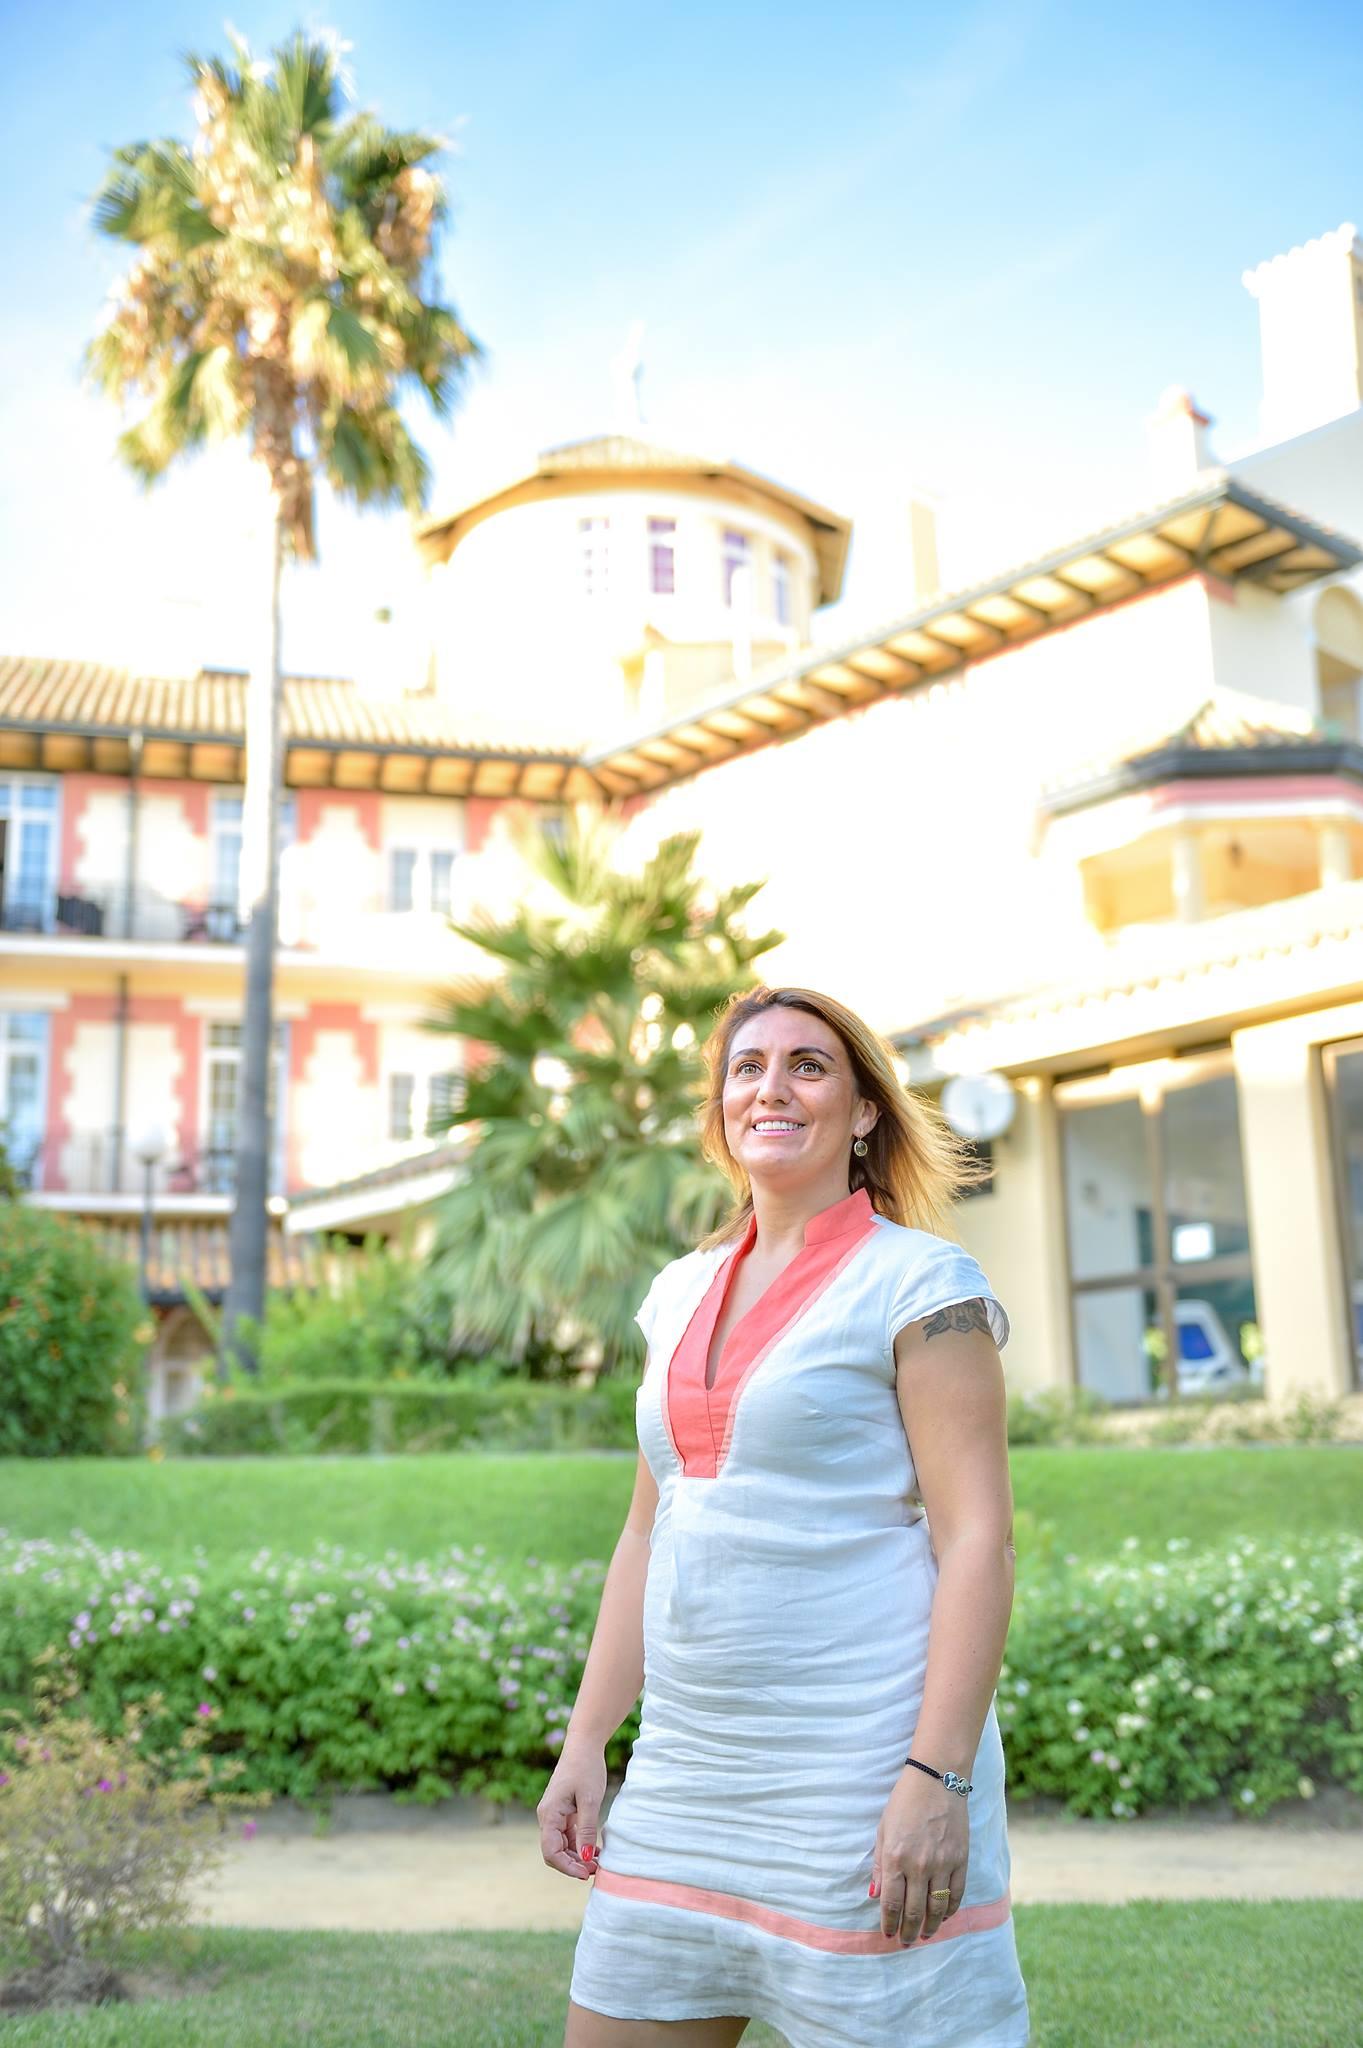 María Valencia